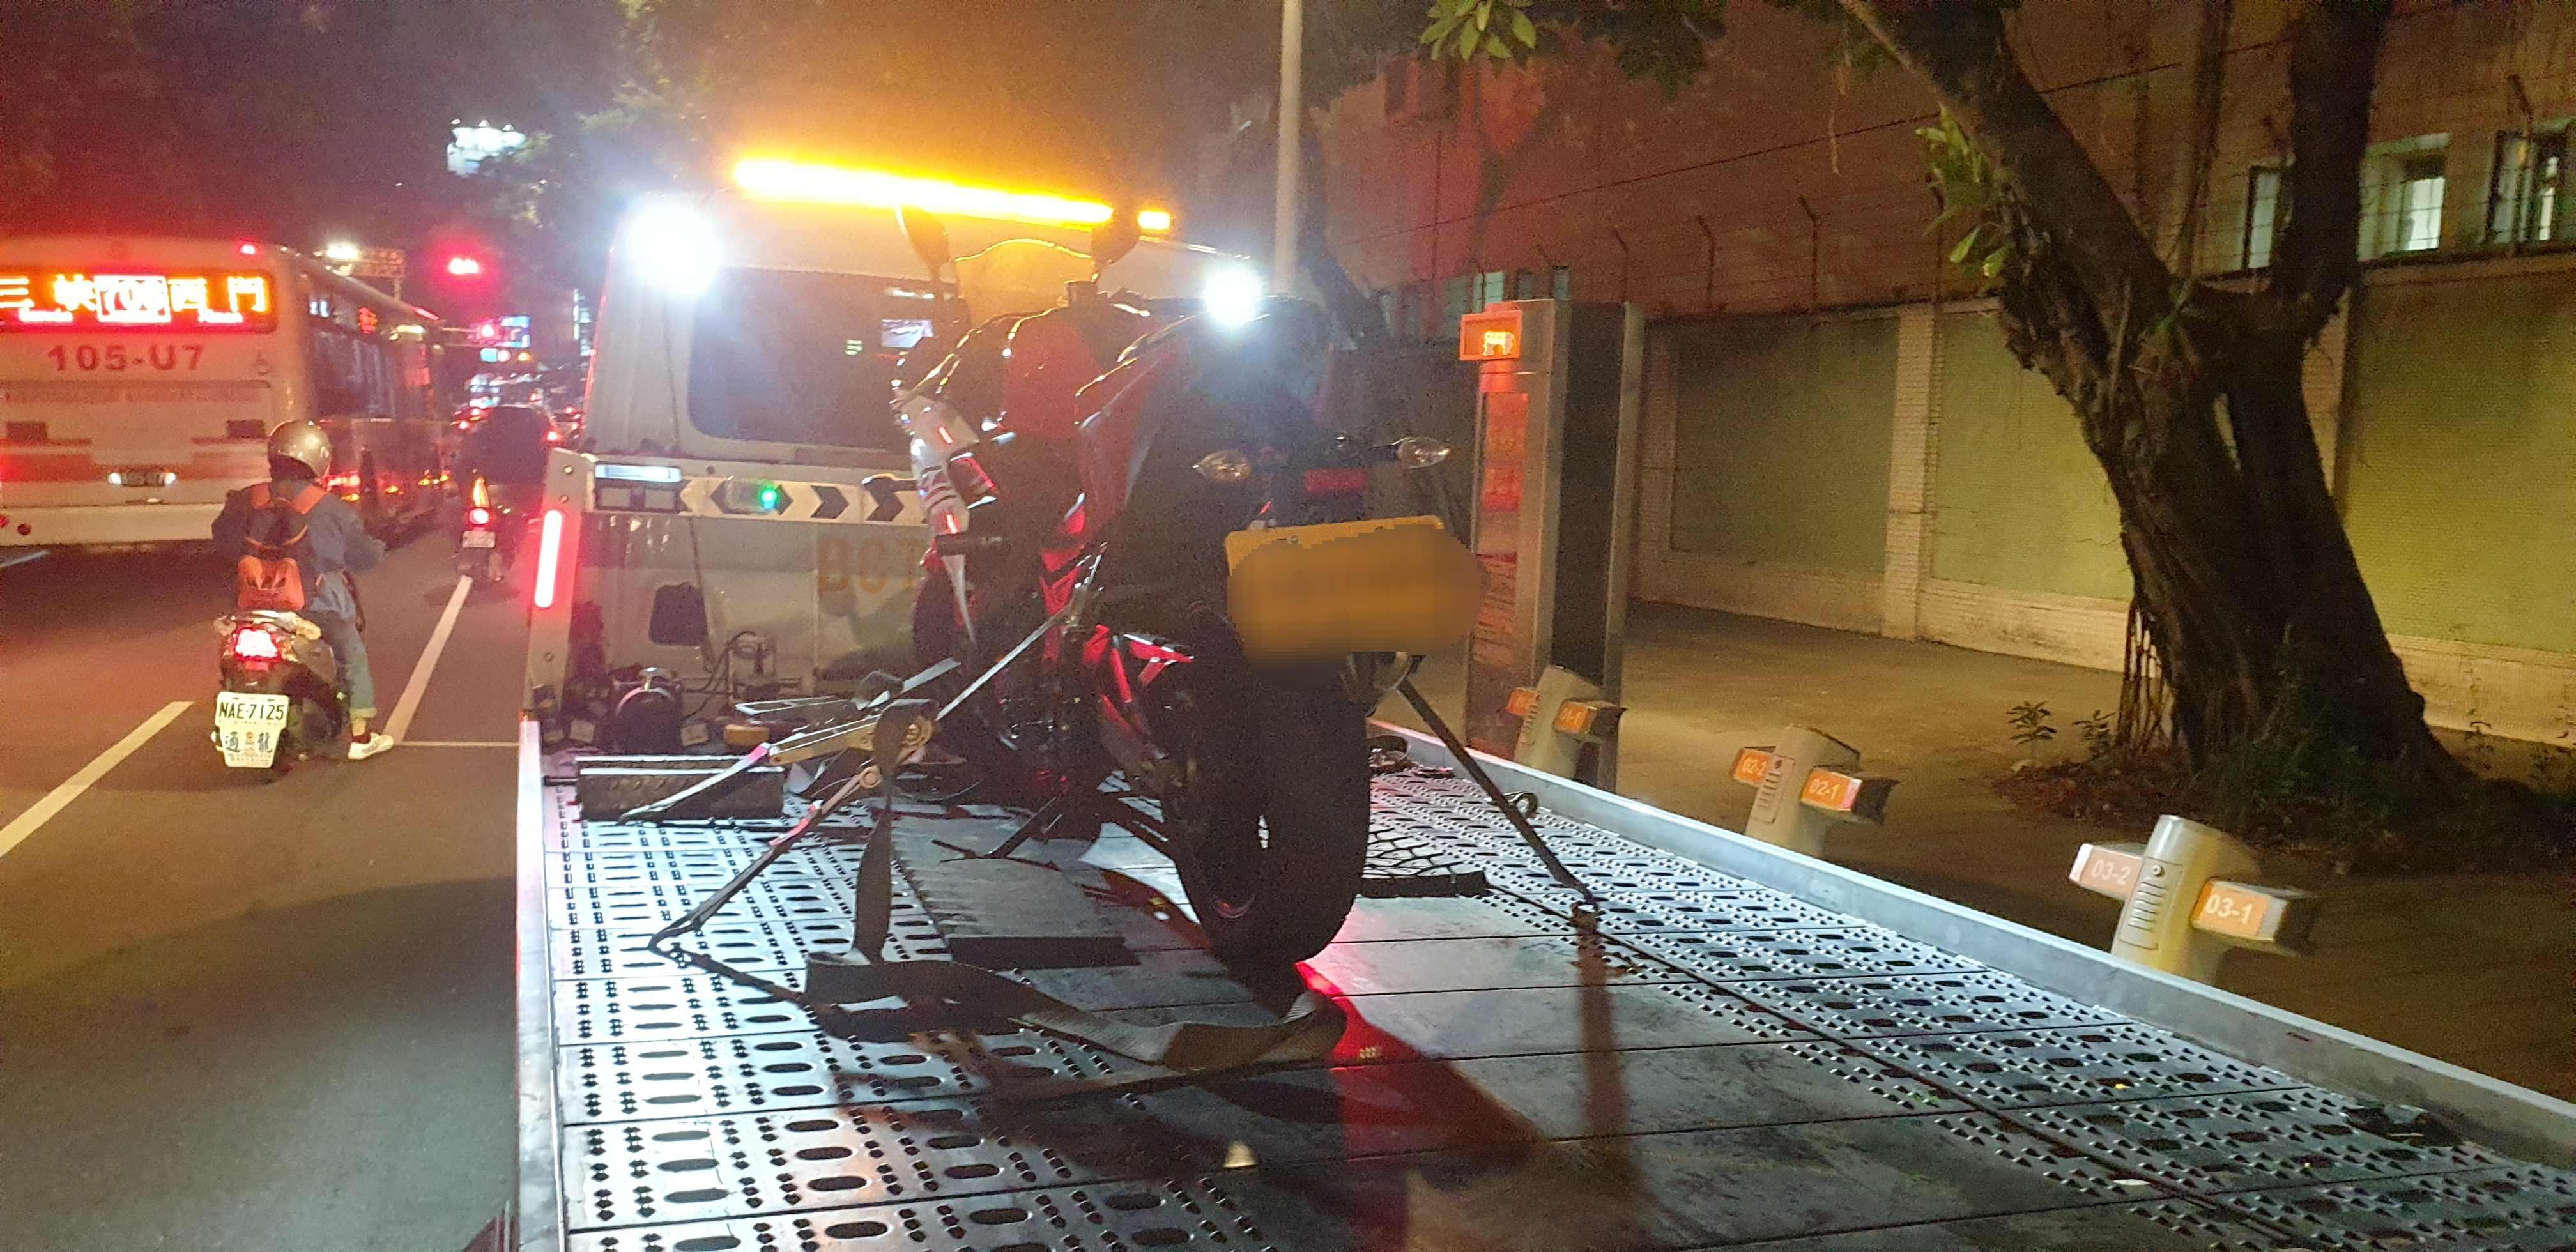 台北市道路救援,台北市拖吊電話 0913177311,拖車服務,拖吊車, - 20210329191059-16724180.jpg(圖)